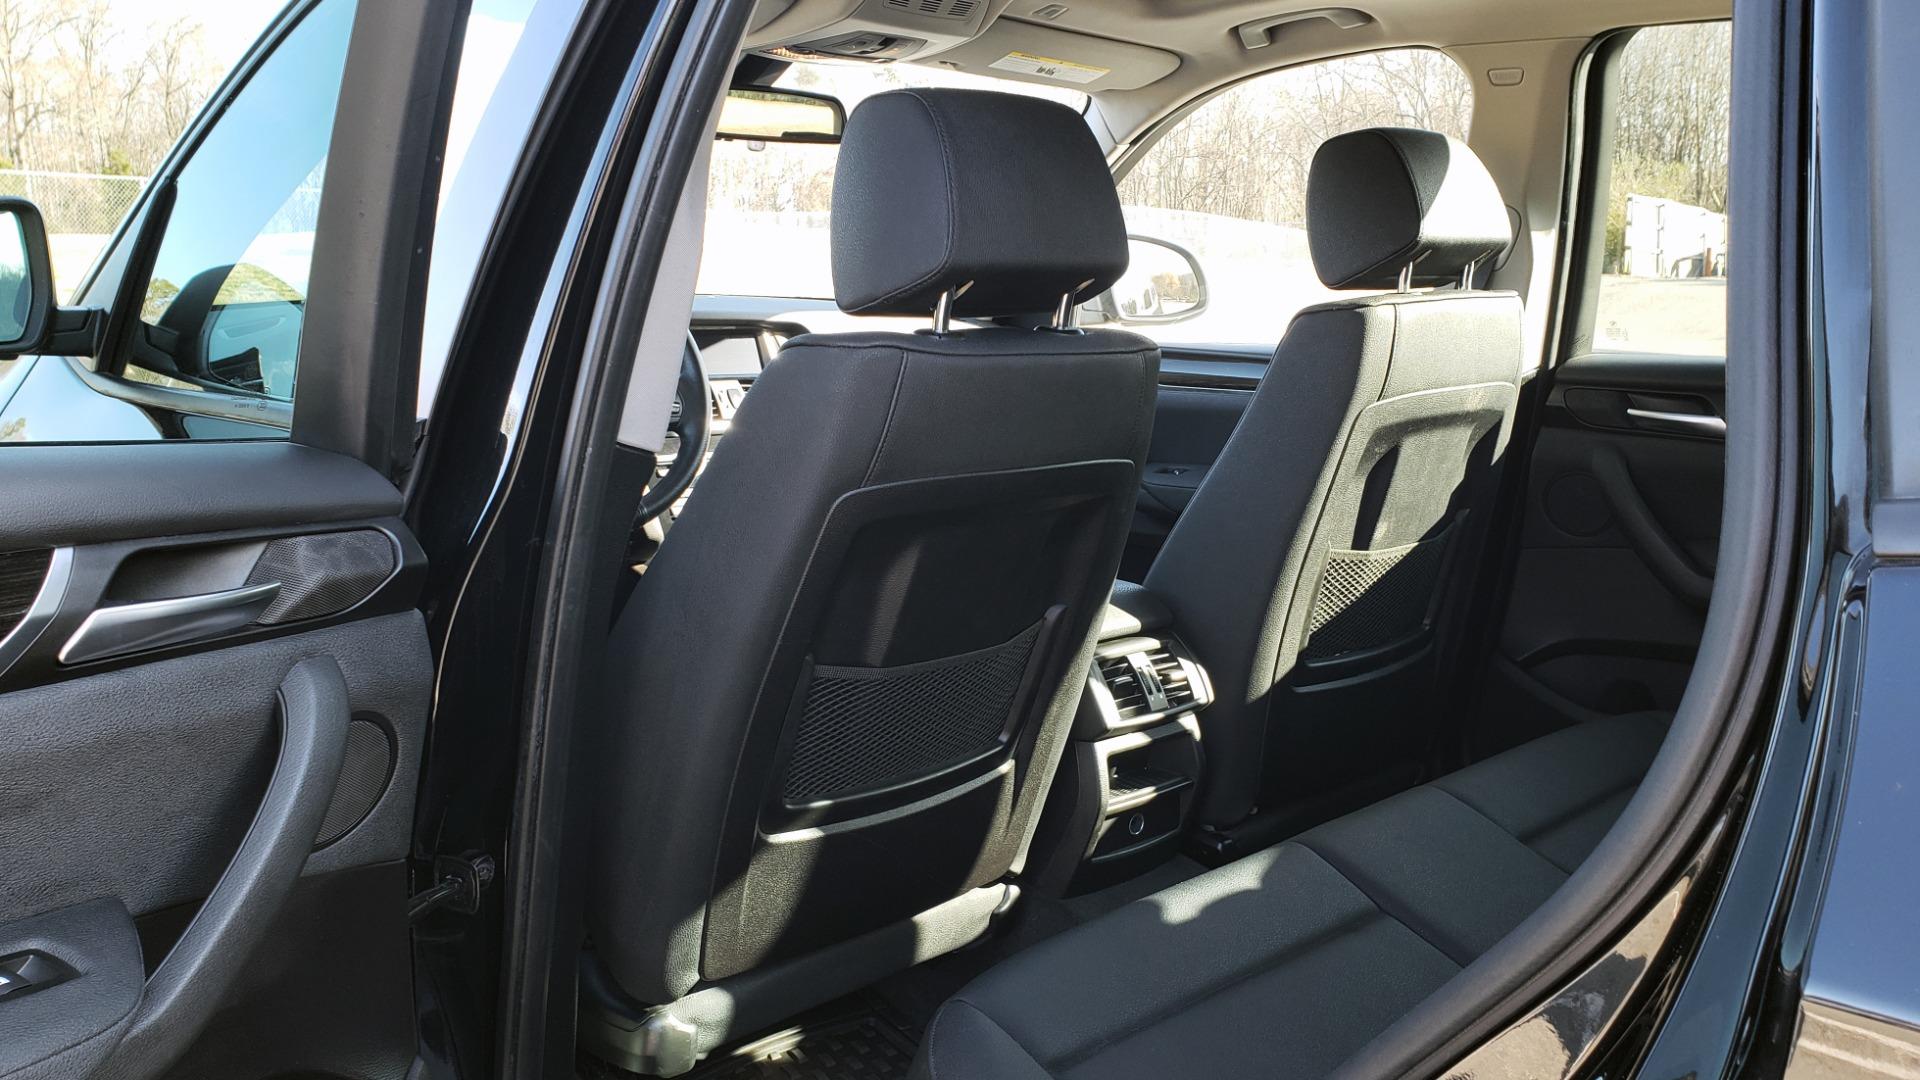 Used 2017 BMW X3 XDRIVE28I / PREM PKG / NAV / DRVR ASST / HTD STS / CAMERAS for sale Sold at Formula Imports in Charlotte NC 28227 73